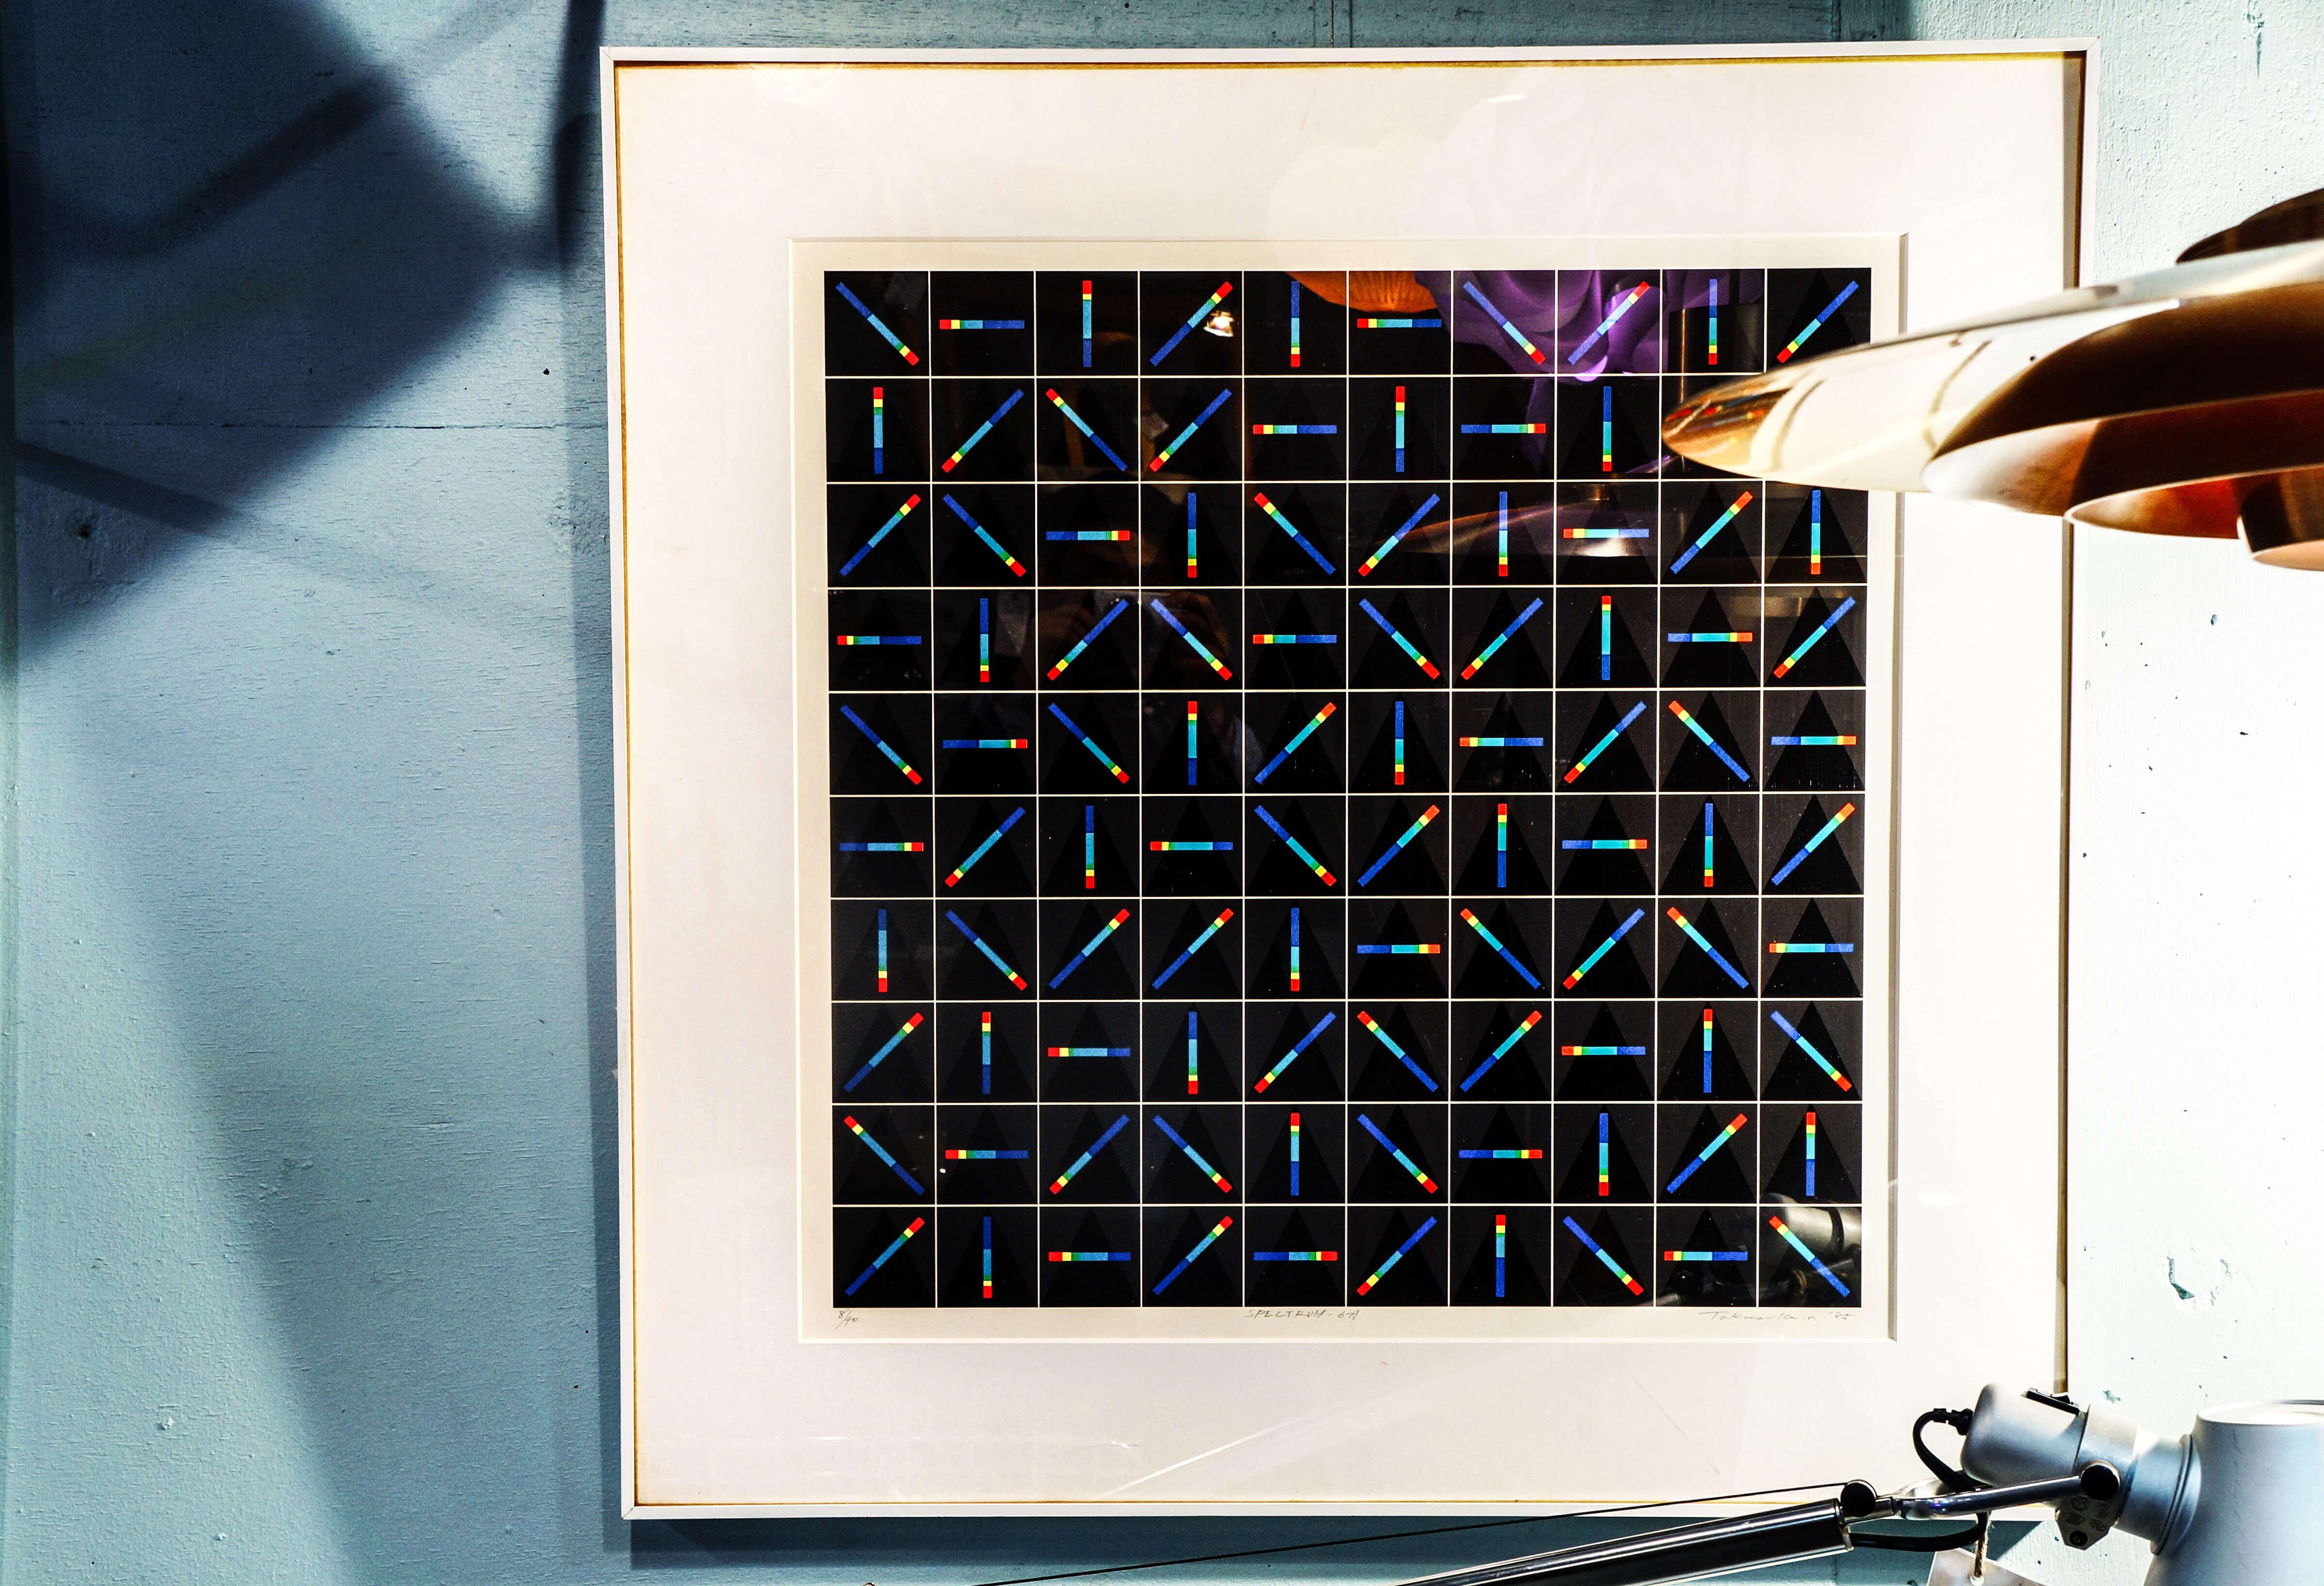 中山隆右初期の制作のテーマである『スペクトラム シリーズ(光譜)』は、視覚では見えない光を表現しています。そのように表現することで、画かれたスペクトラムは無限の空間を予想させるよう描かれております。こちらのような幾何学的なアート作品はミットセンチュリー雰囲気や、シンプルなインテリアに相性が良く、壁面空間の演出に最適です。~【東京都杉並区阿佐ヶ谷北アンティークショップ 古一/ZACK高円寺店】 古一/ふるいちでは出張無料買取も行っております。杉並区周辺はもちろん、世田谷区・目黒区・武蔵野市・新宿区等の東京近郊のお見積もりも!ビンテージ家具・インテリア雑貨・ランプ・USED品・ リサイクルなら古一/フルイチへ~白川家具,デスク,作業台,ダイニングテーブル,無垢,ブラックチェリー,チェリー,温もり,クラシック,Japan,Products,,絵画,ポスター,モダン,インテリアデザイン,ミットセンチュリー,シンプル,模様,幾何学模様,